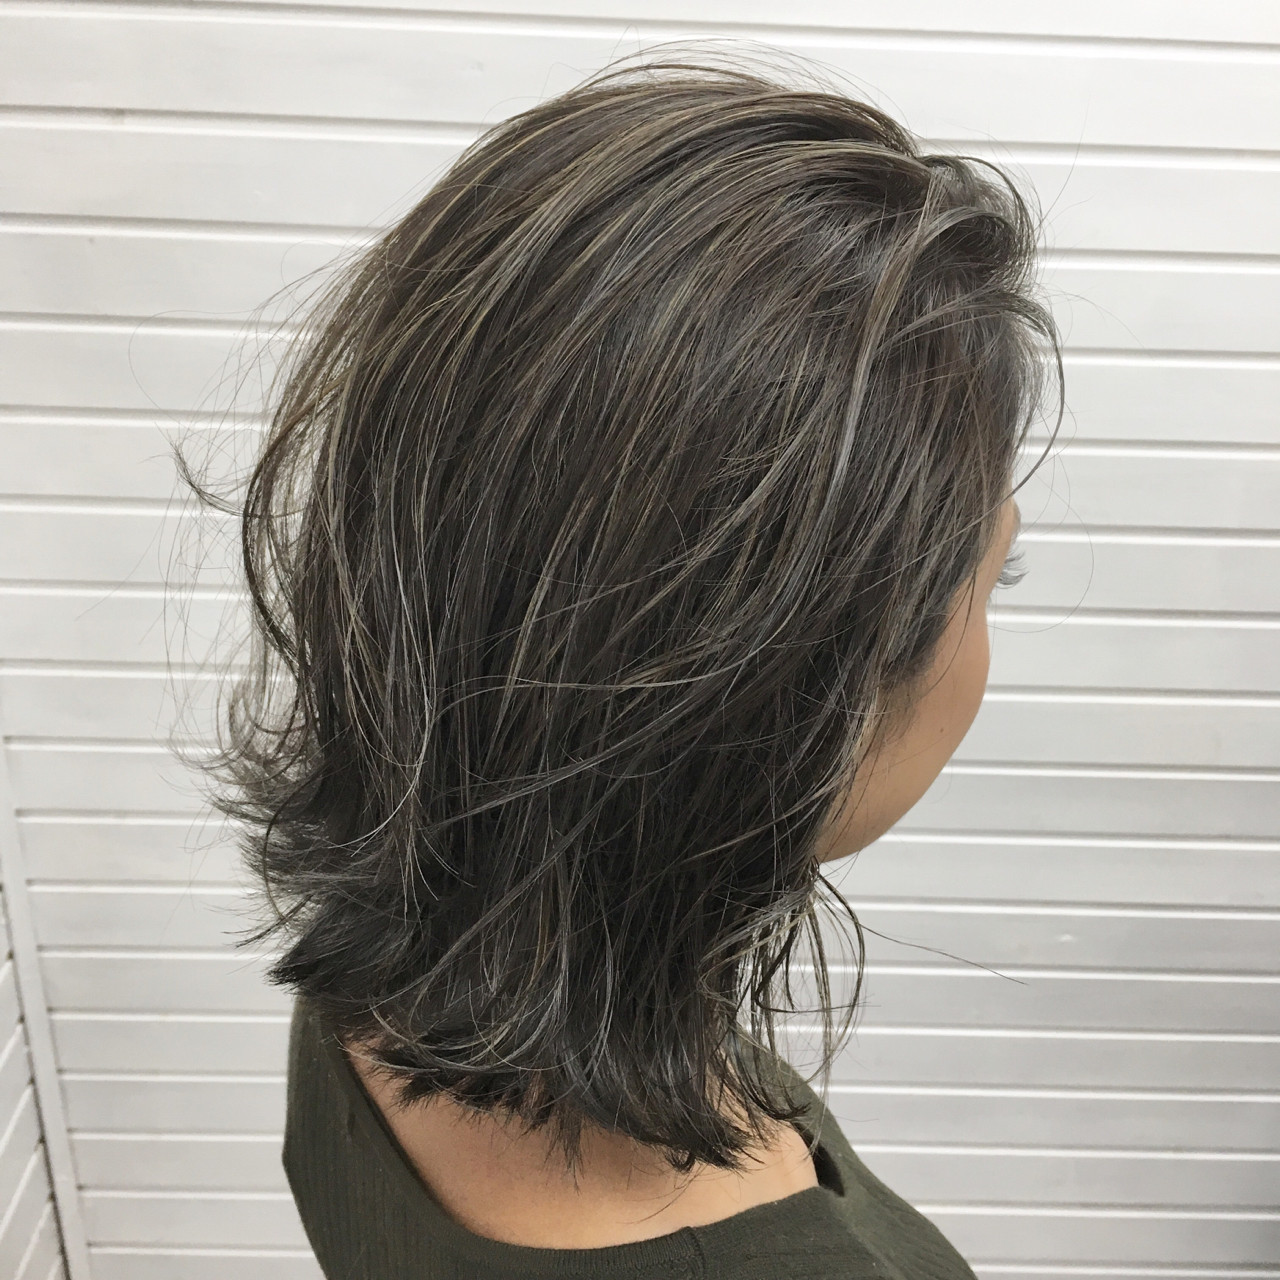 ボブ 切りっぱなし ミディアム 外国人風 ヘアスタイルや髪型の写真・画像 | universe / hair space universe